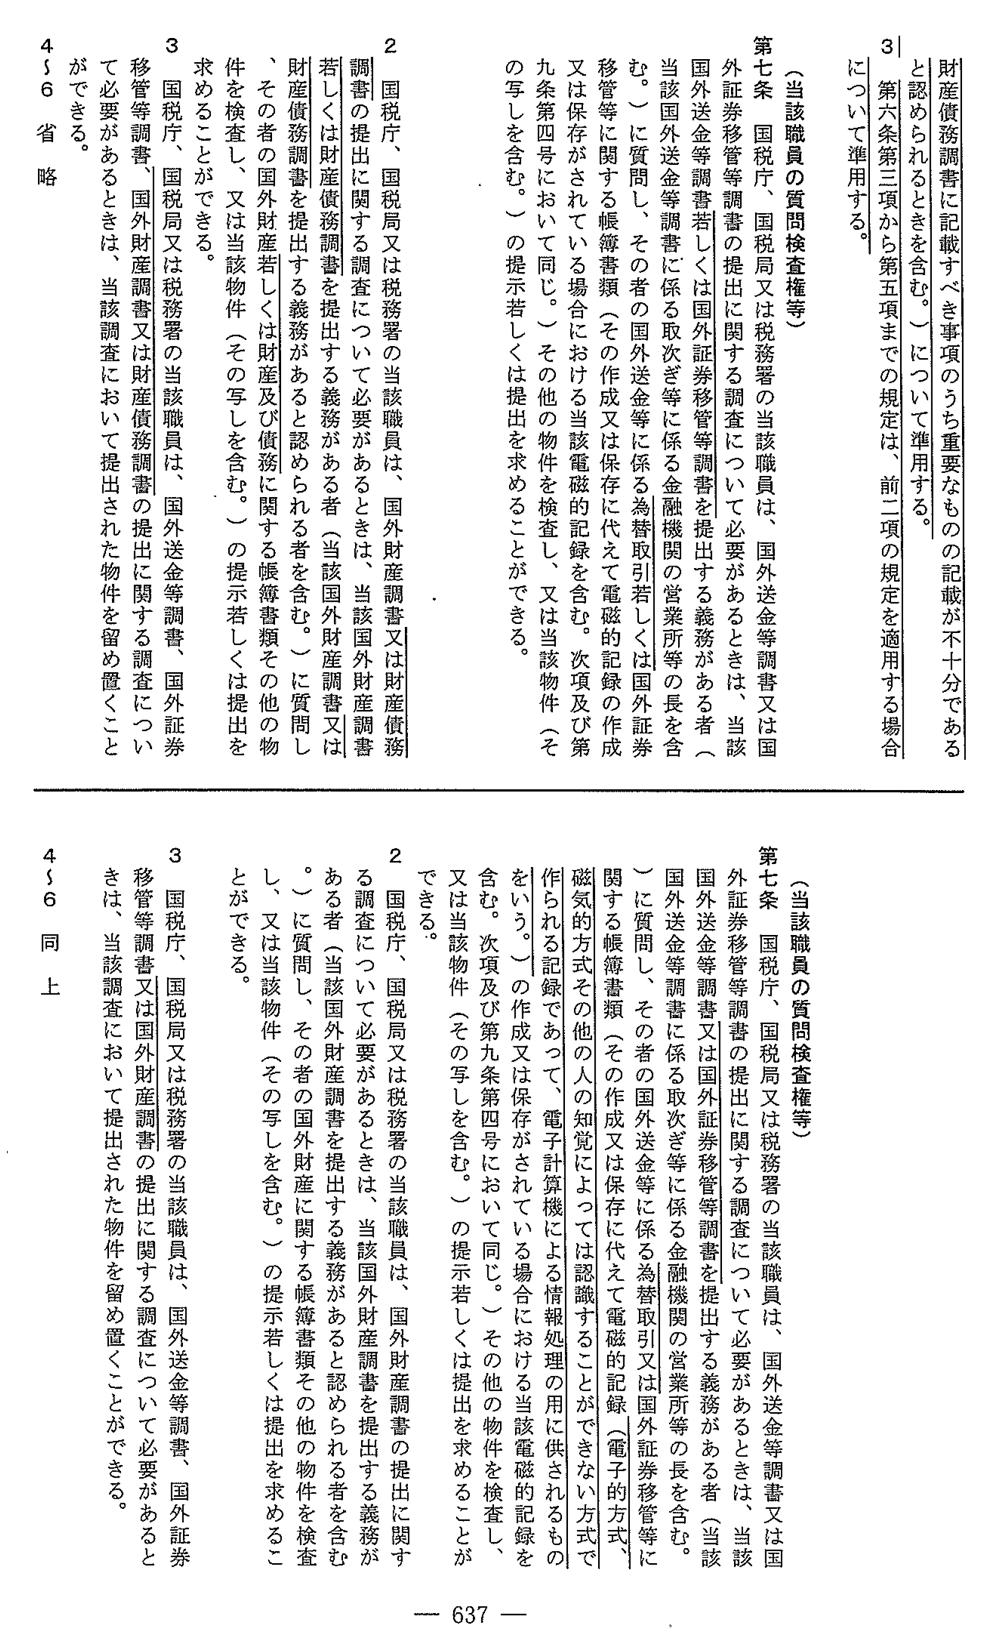 国外送金等調書法3/3